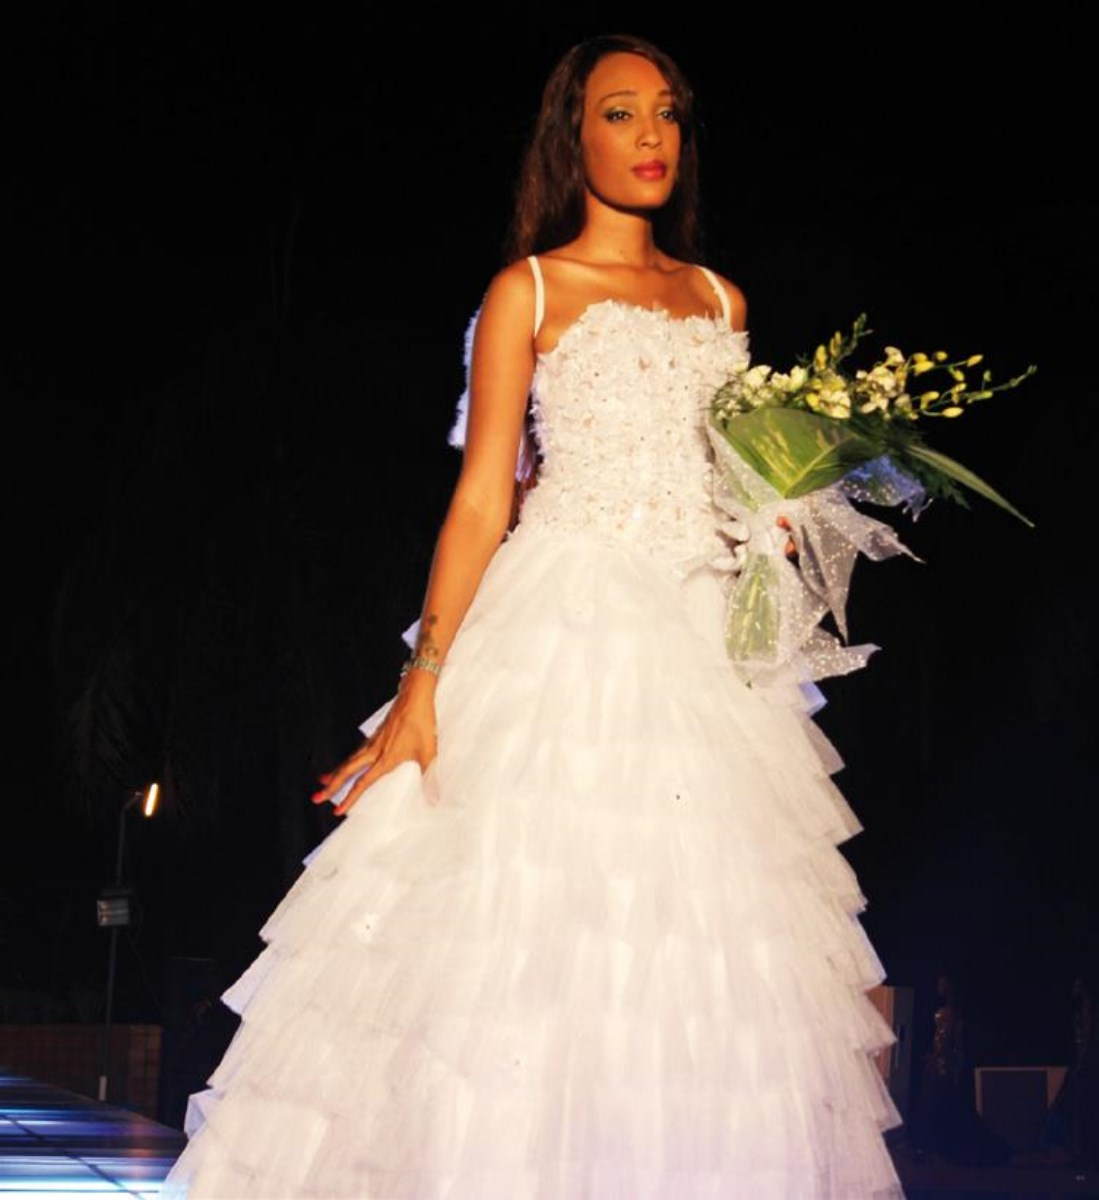 Nabila dans une belle robe de mariée, tenant son bouquet de fleurs. Life Mag